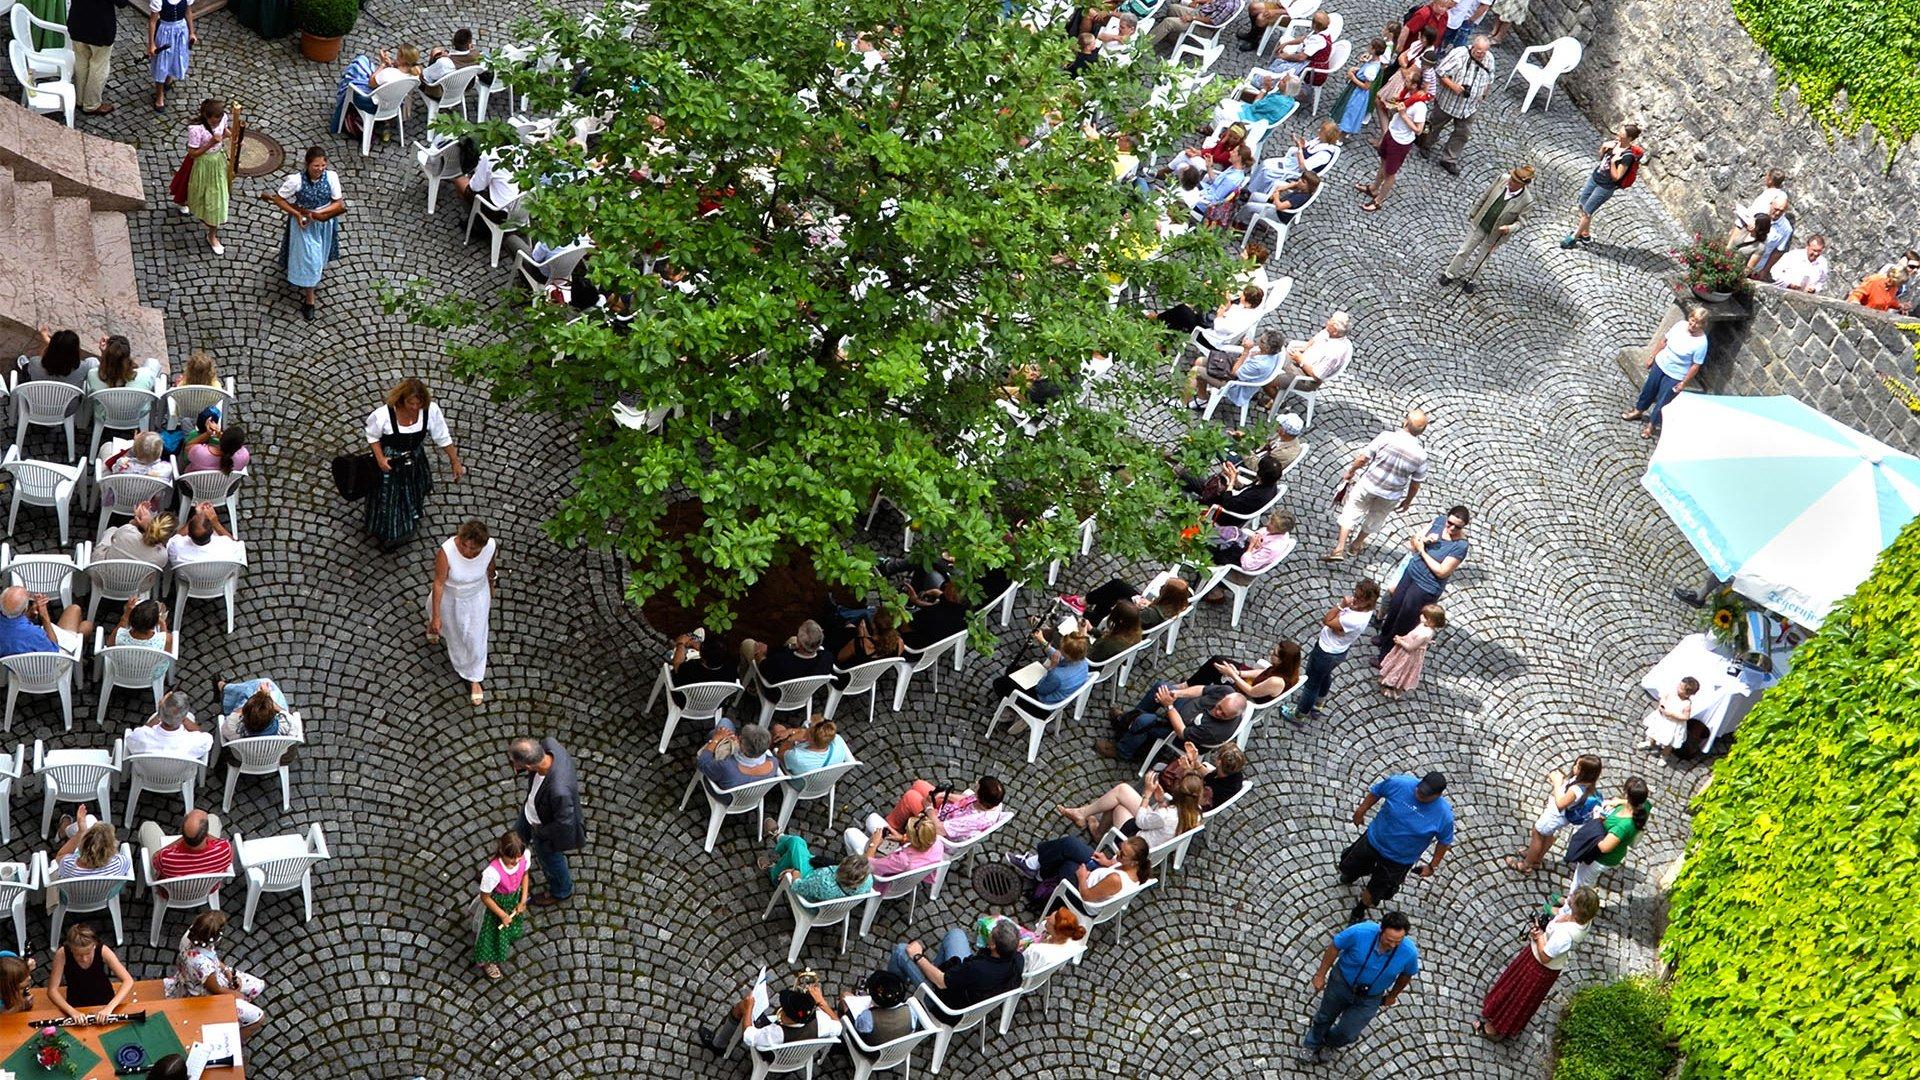 Veranstaltung Oberbayern Tegernsee, © Florian Liebenstein